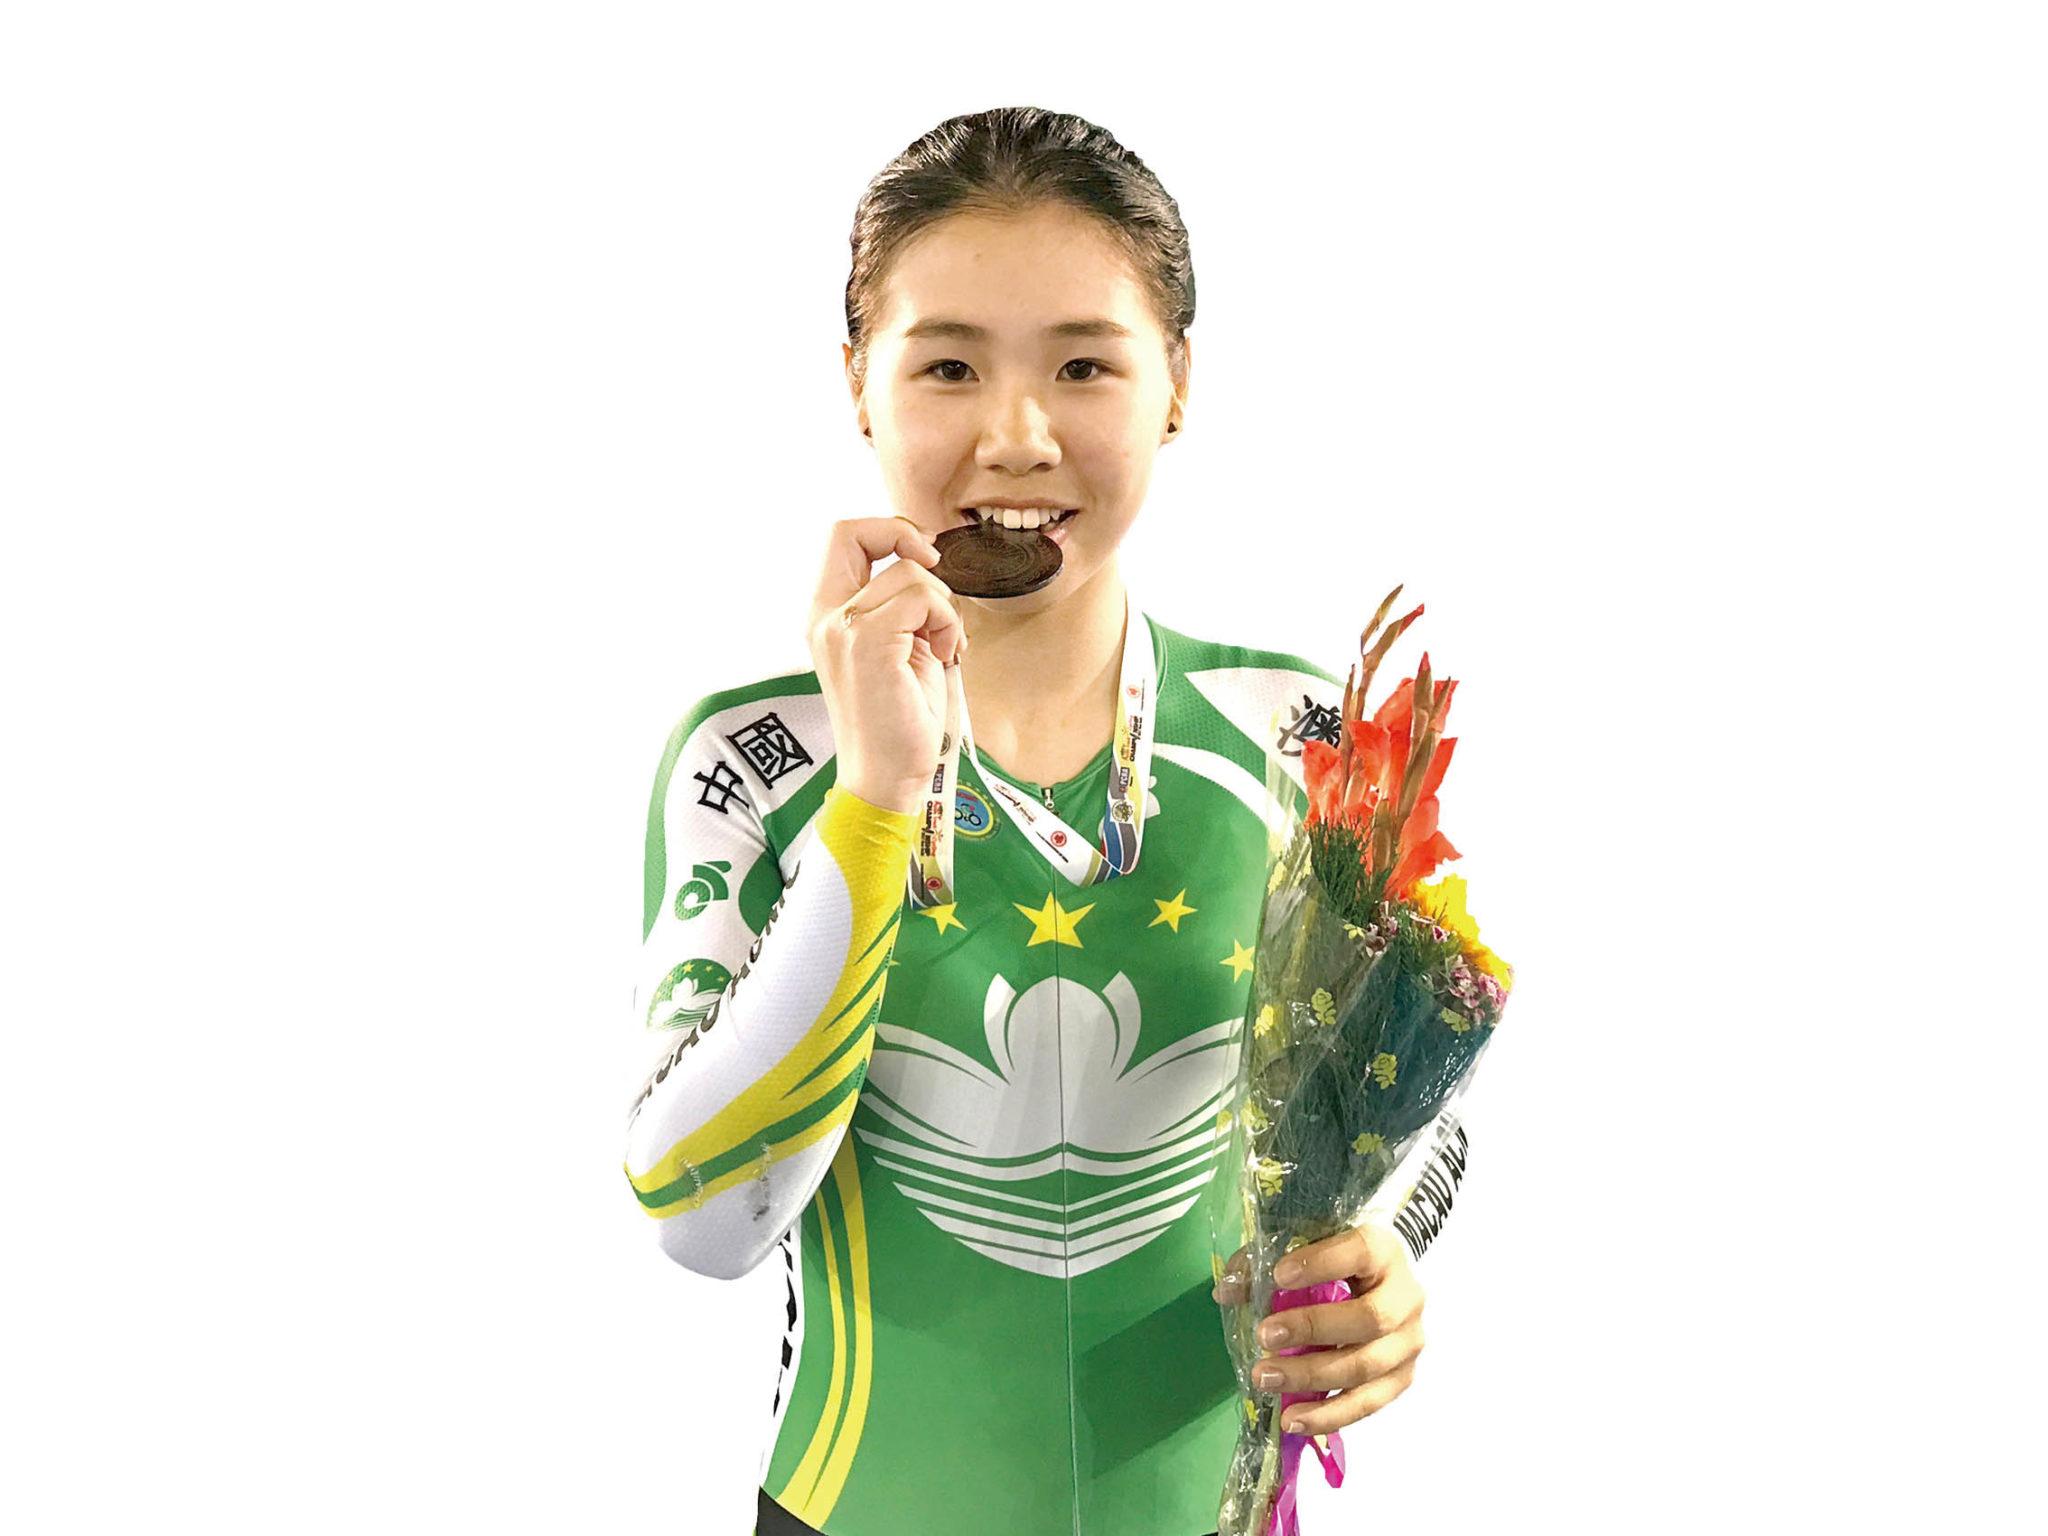 Ciclismo | Em dois anos de carreira, Ivy Au soma quatro medalhas